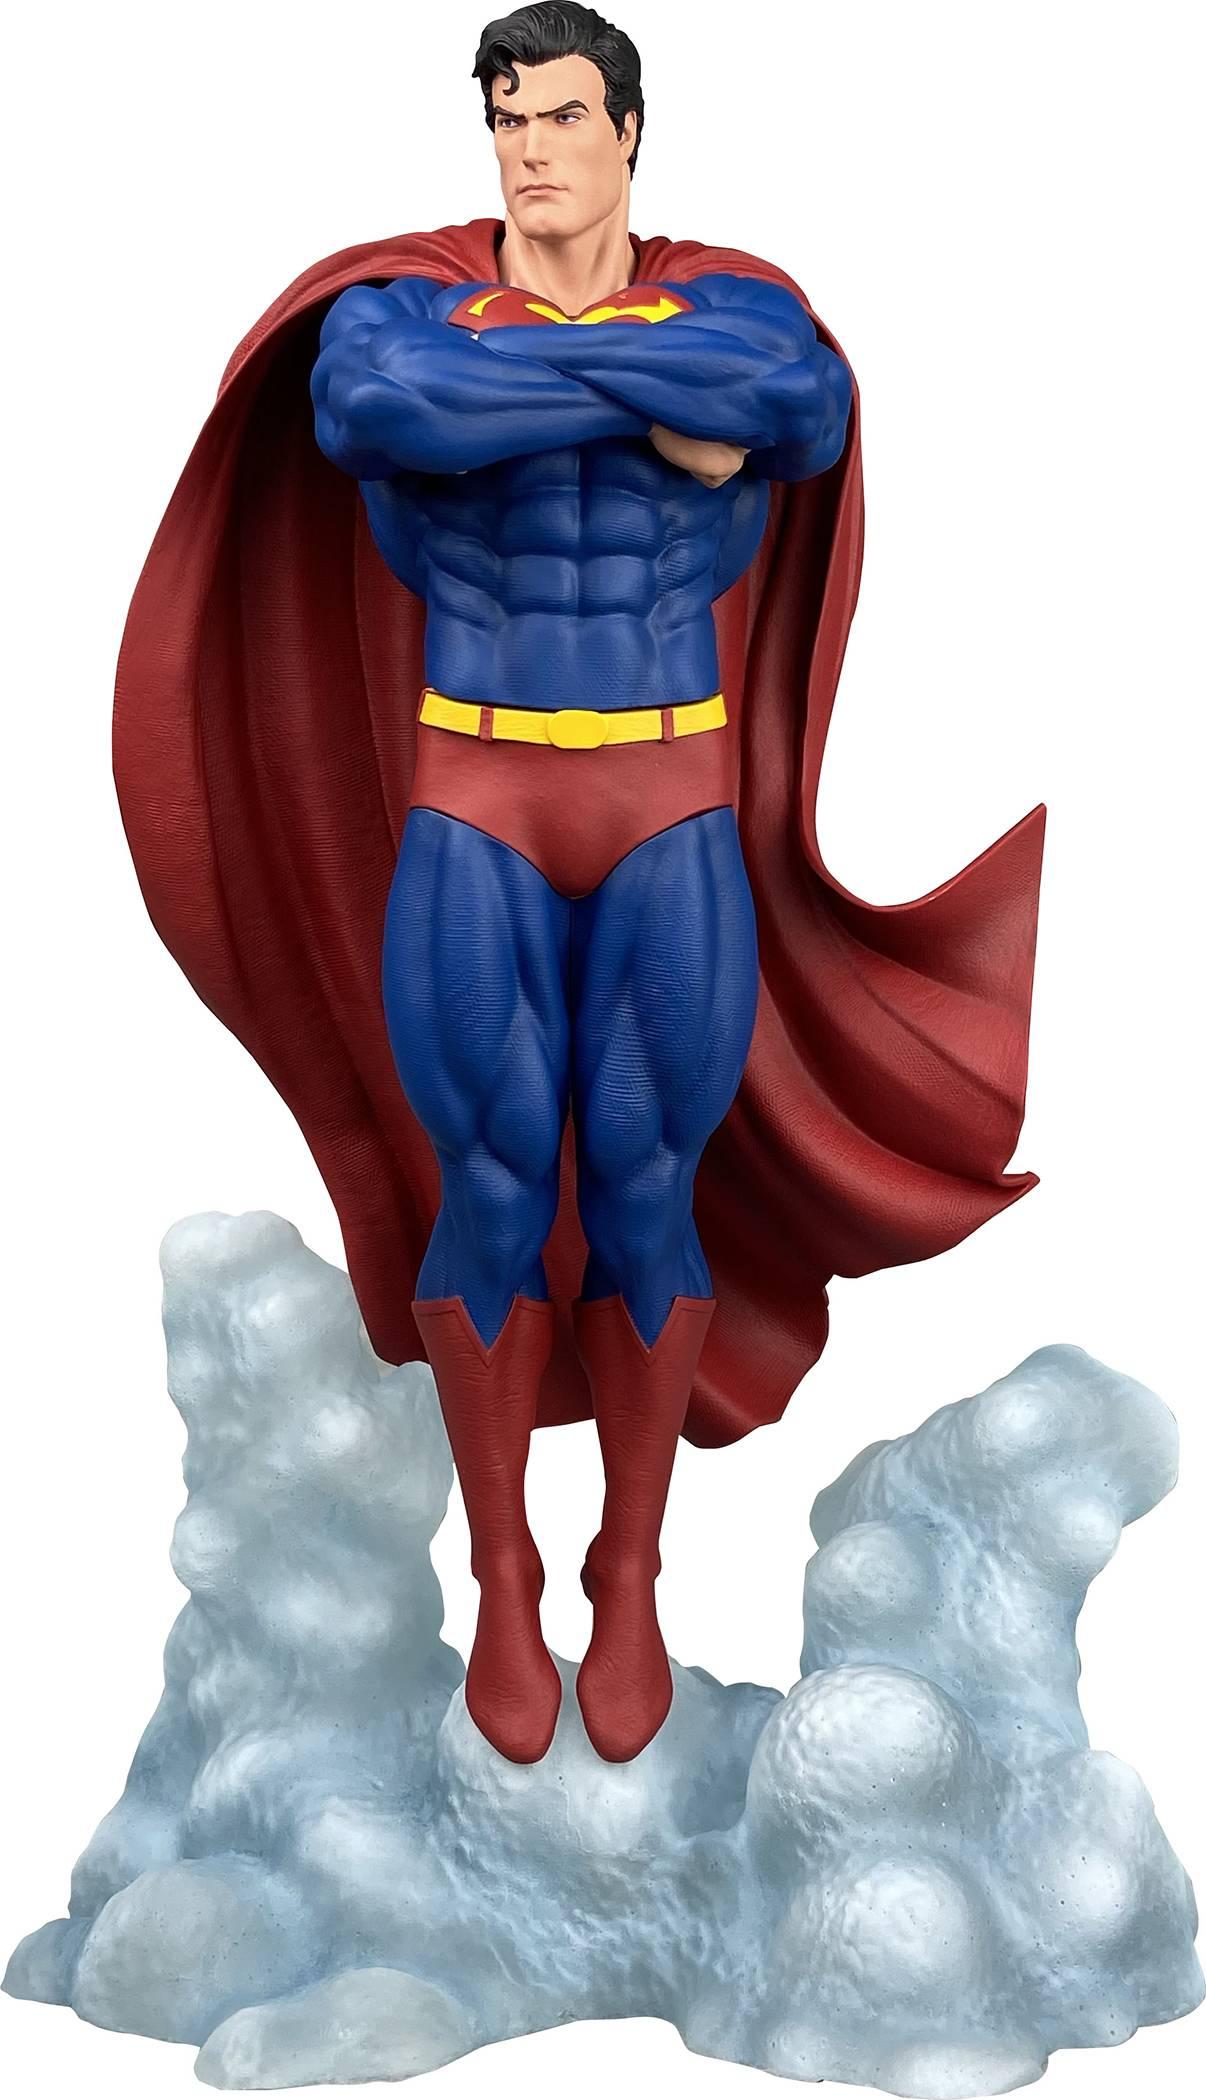 DC Gallery - Superman Ascendant PVC Statue